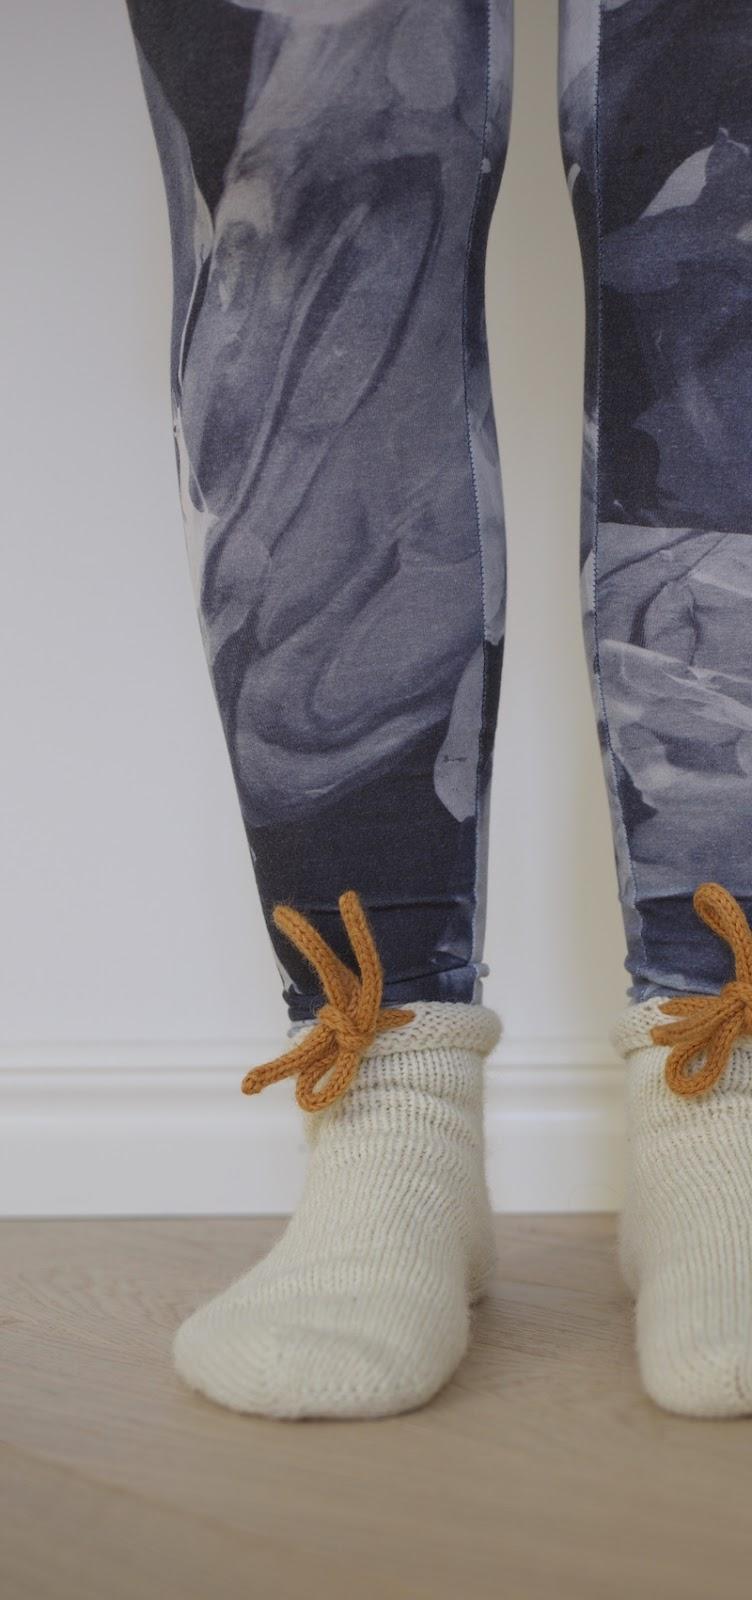 villasukat ilman resoria varpaista varteen ohje iCord